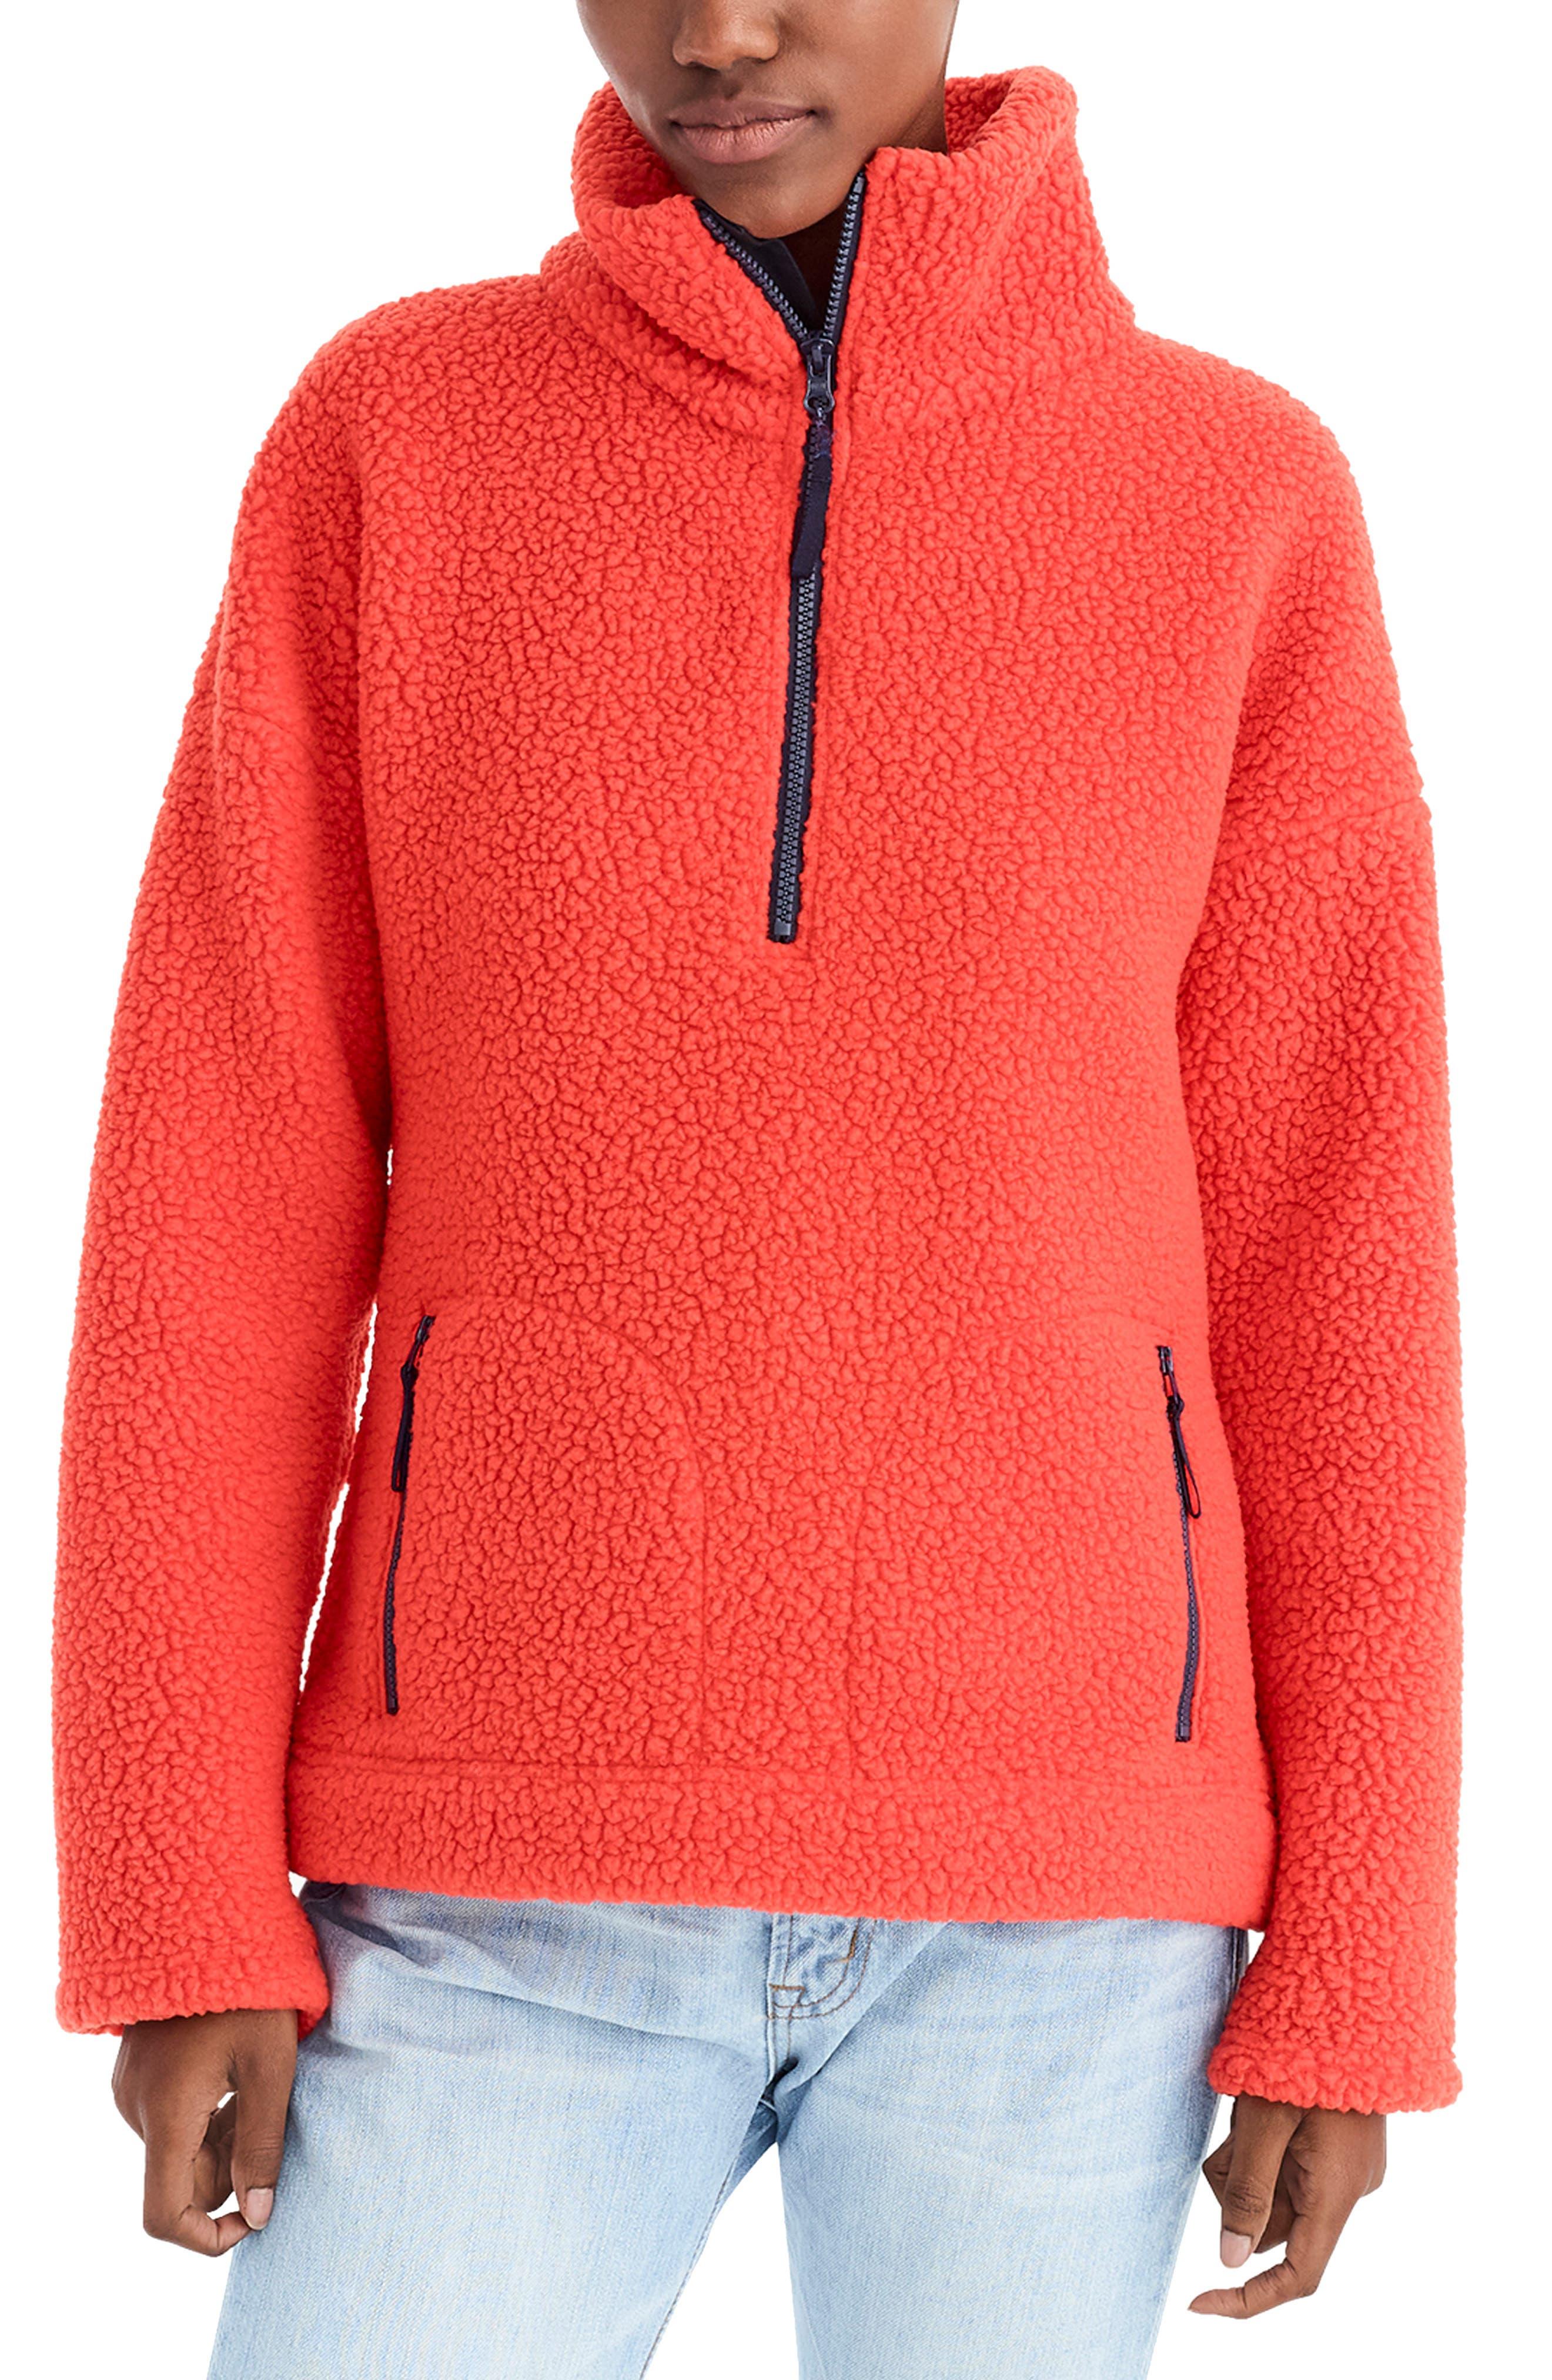 J.crew Polartec Fleece Half-Zip Pullover Jacket